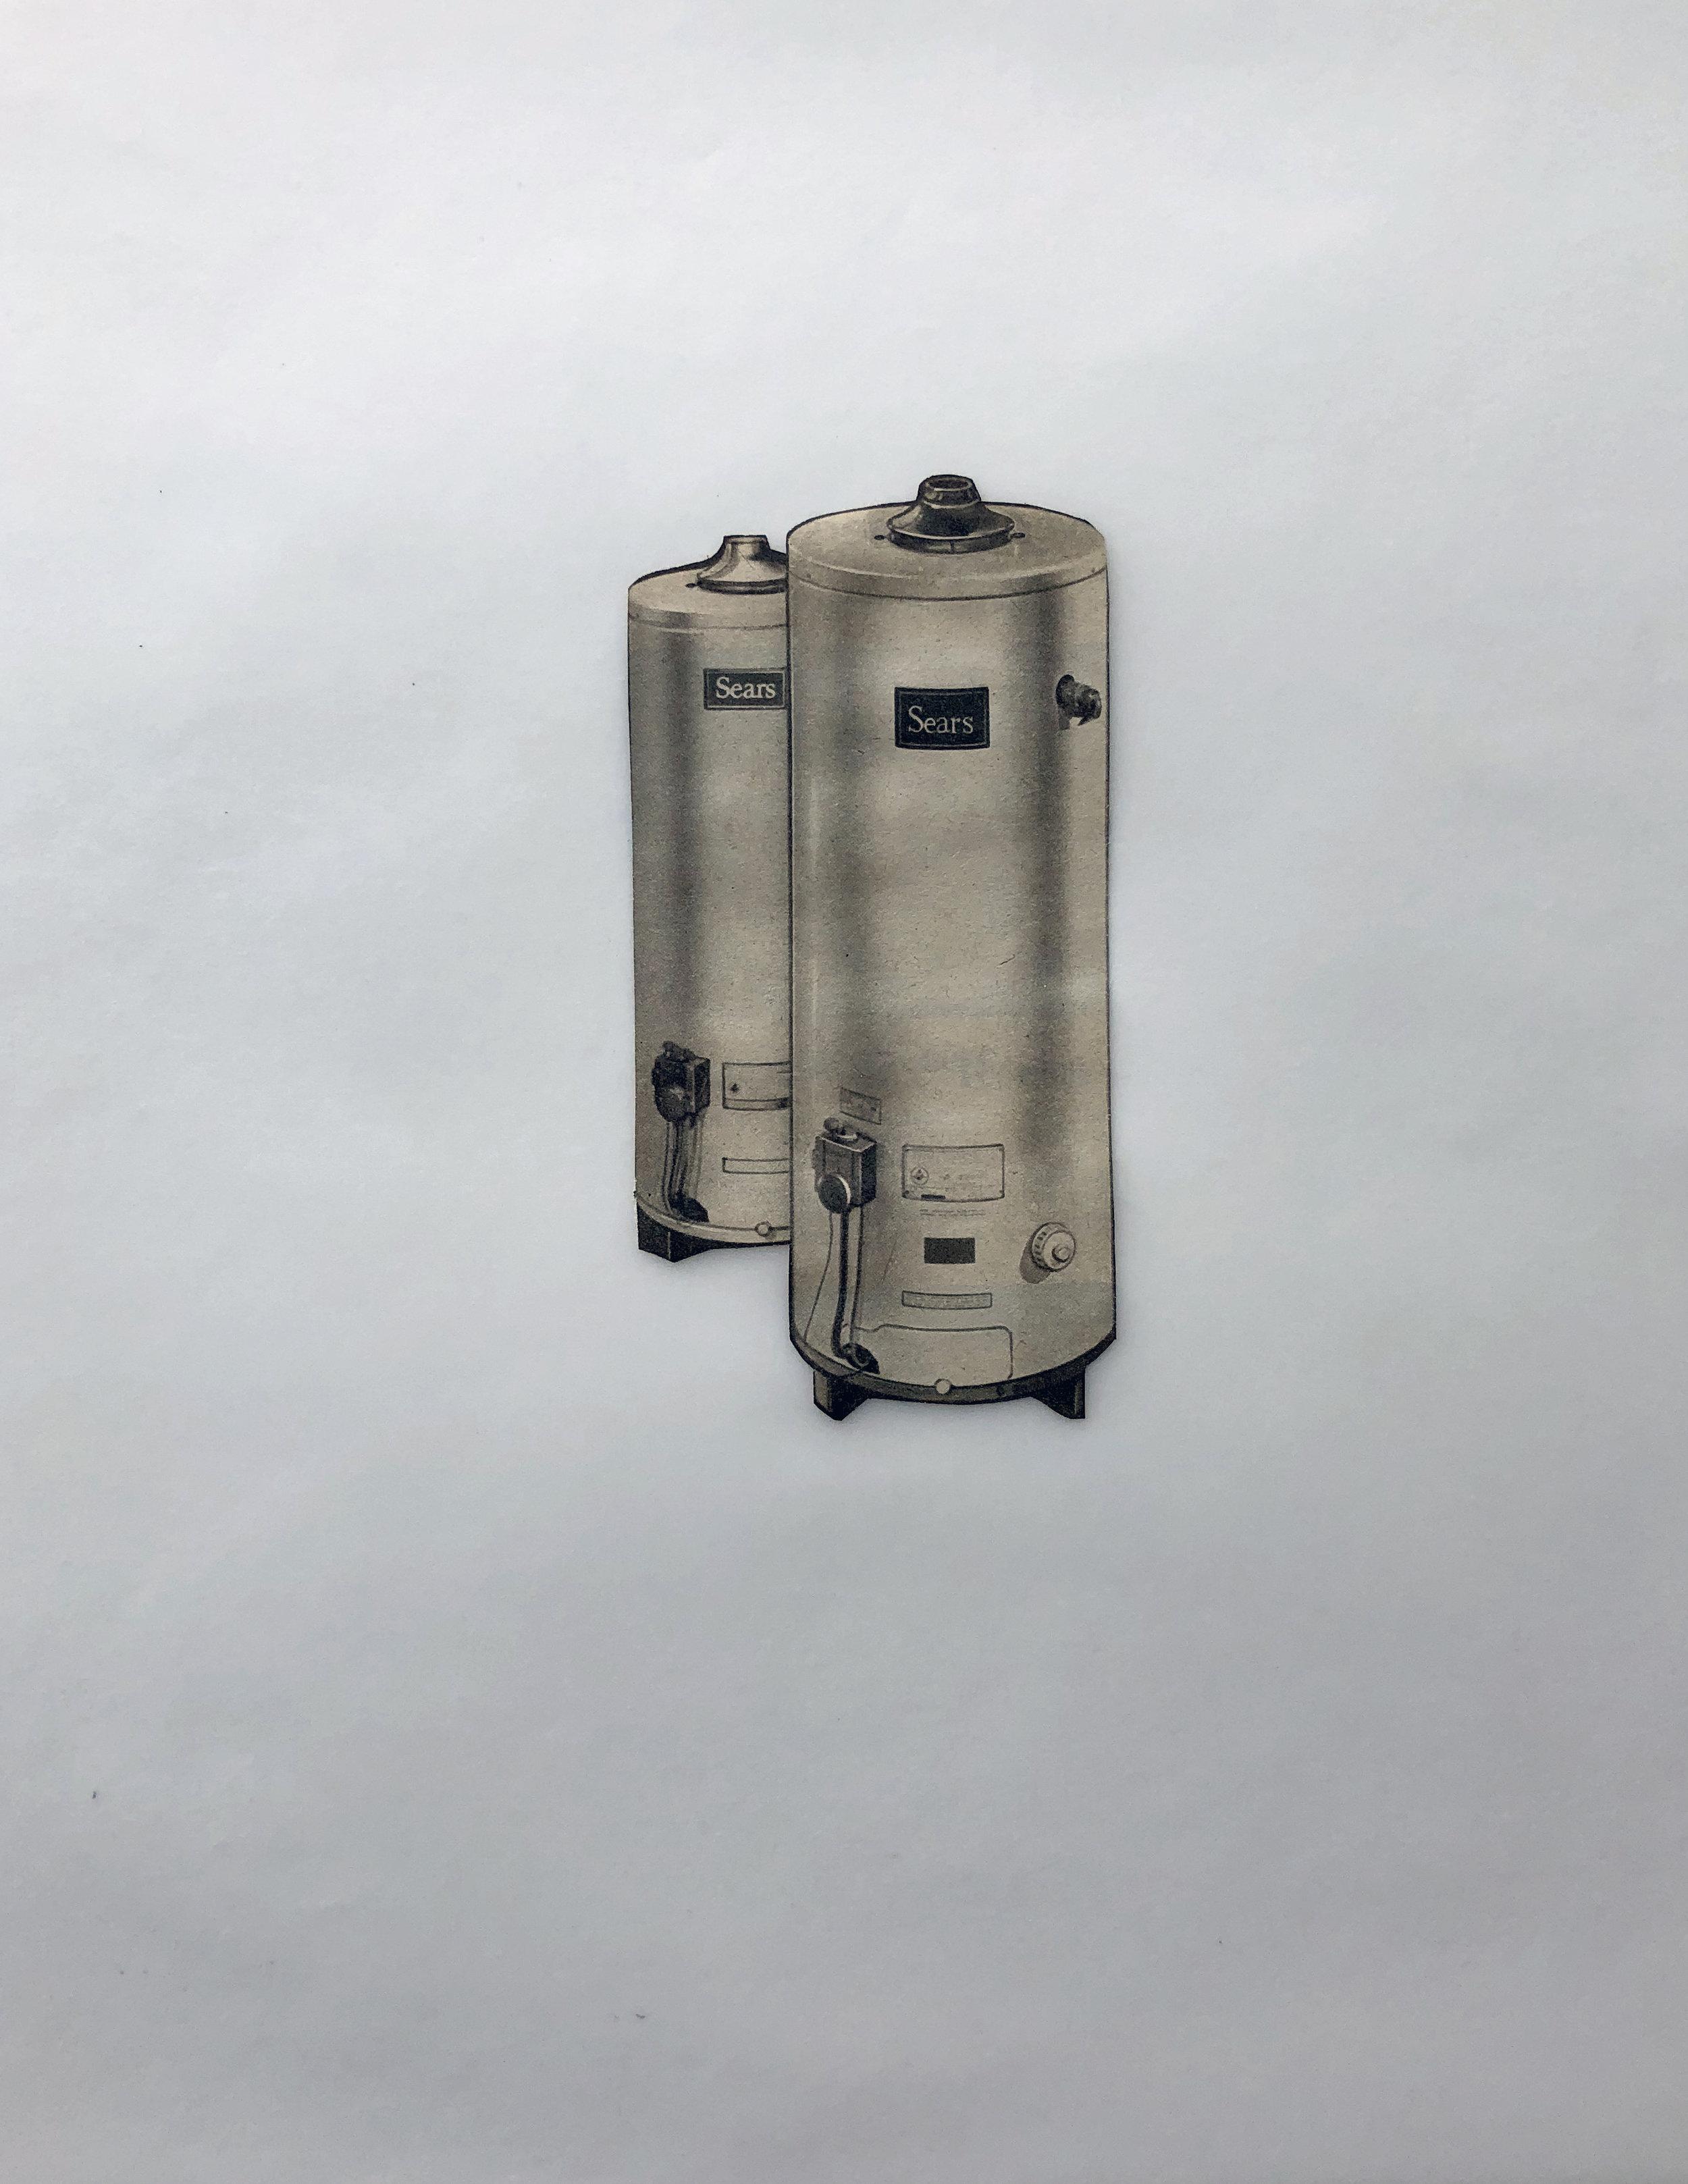 CAT - RIFF - Becher - water tank - CROP.jpg